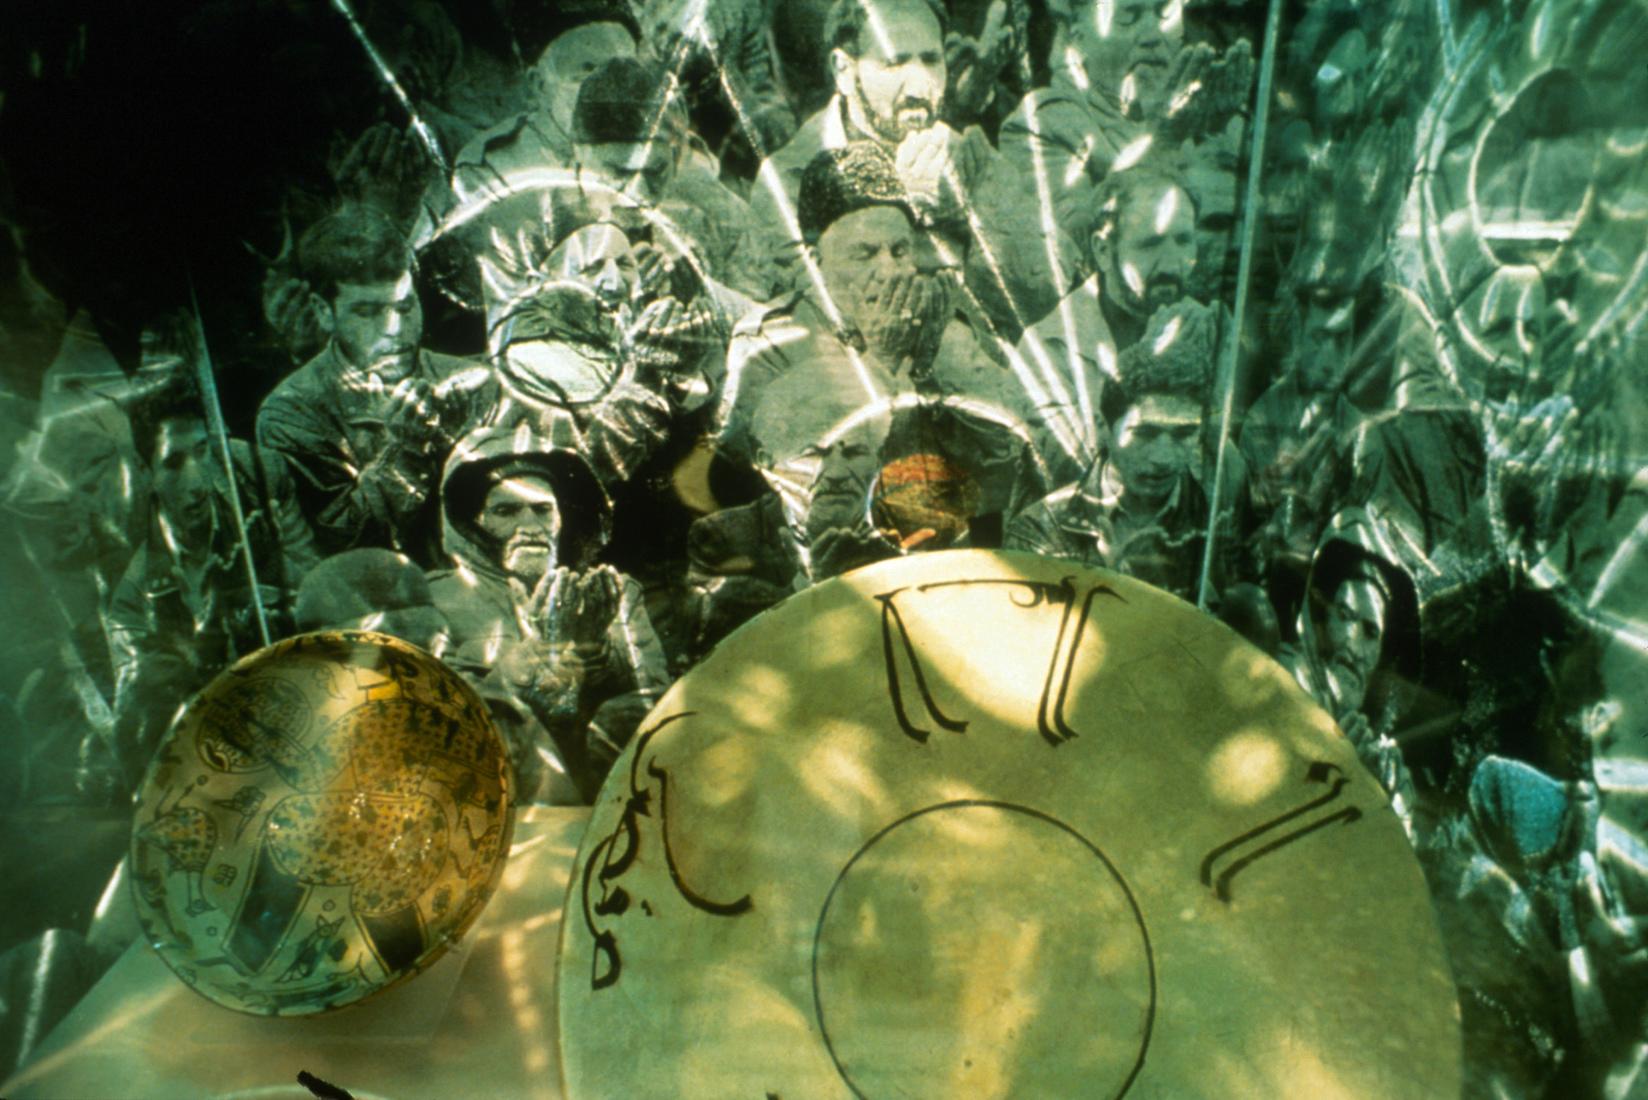 GERHARDT KNODEL Installation Work 1989-1997 Nightshade, Detroit Institute of Arts, 1995